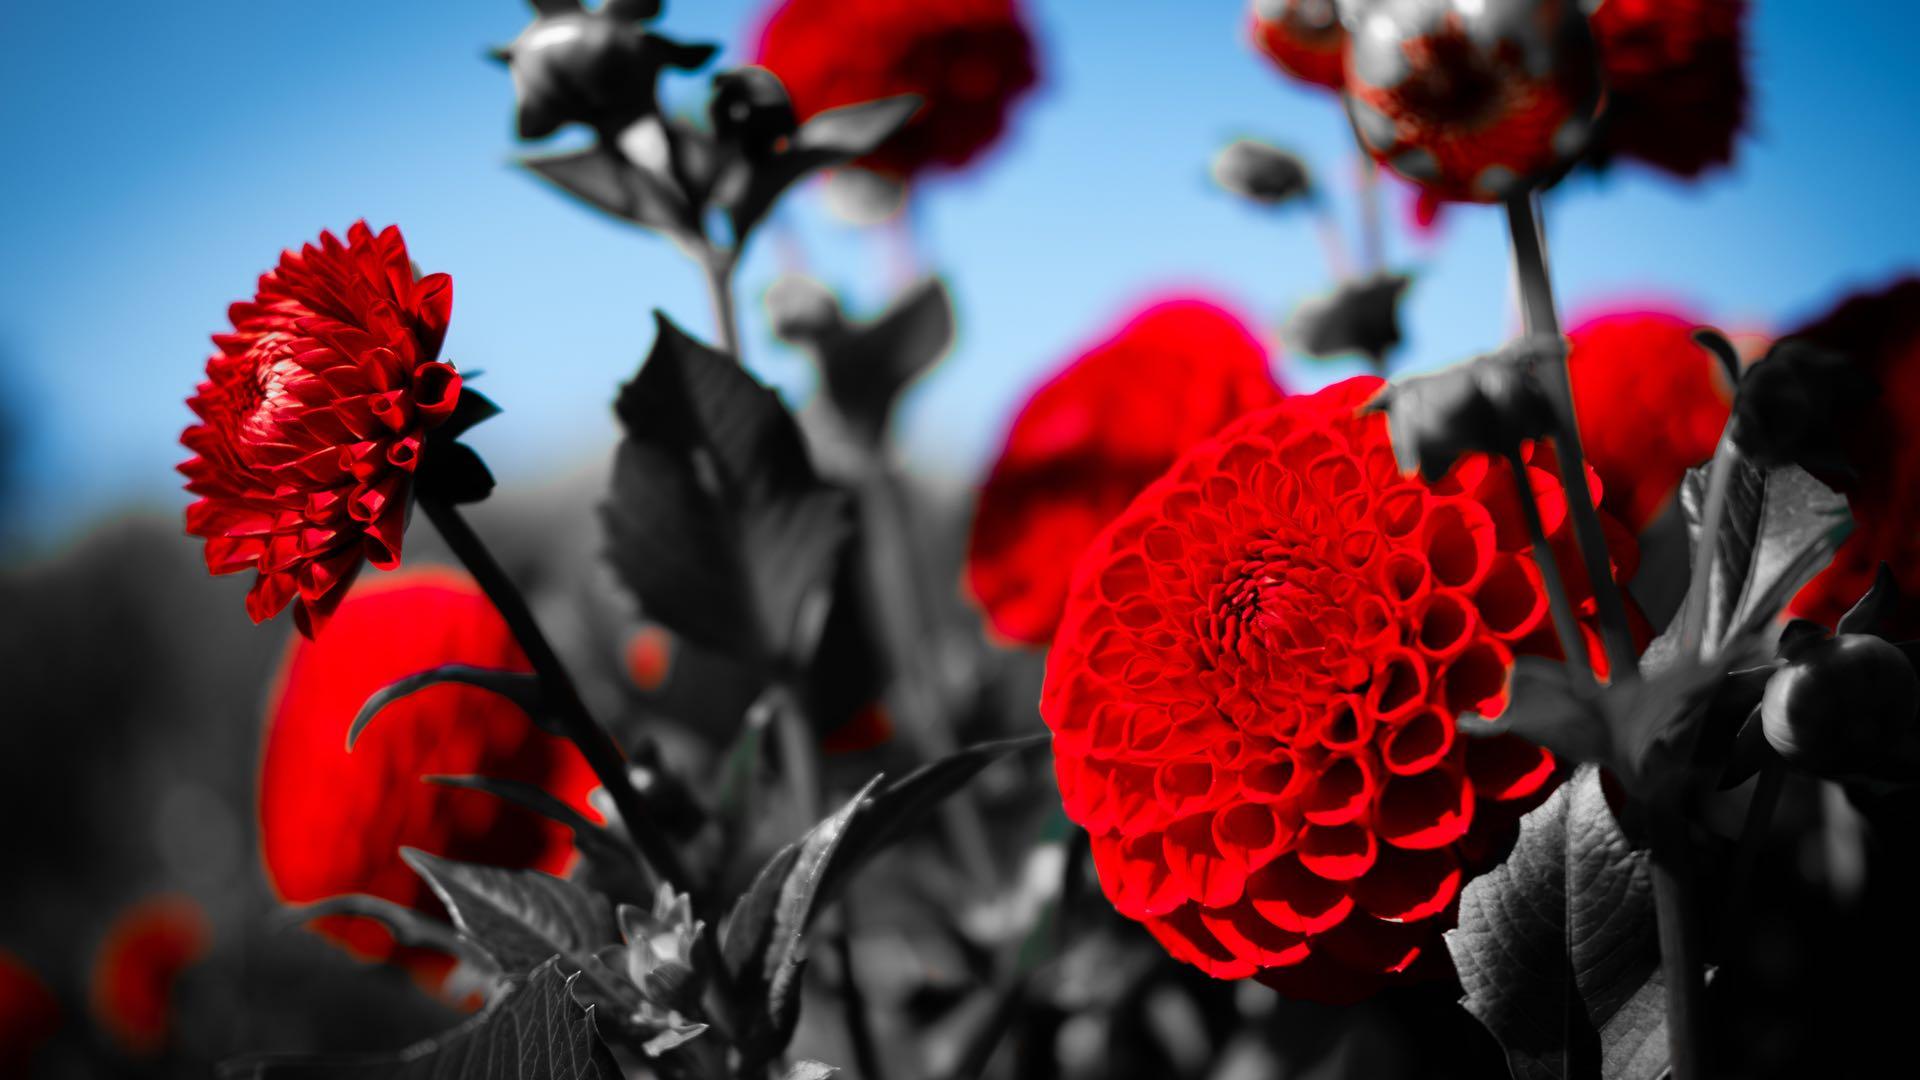 Black n Red 1920x1080